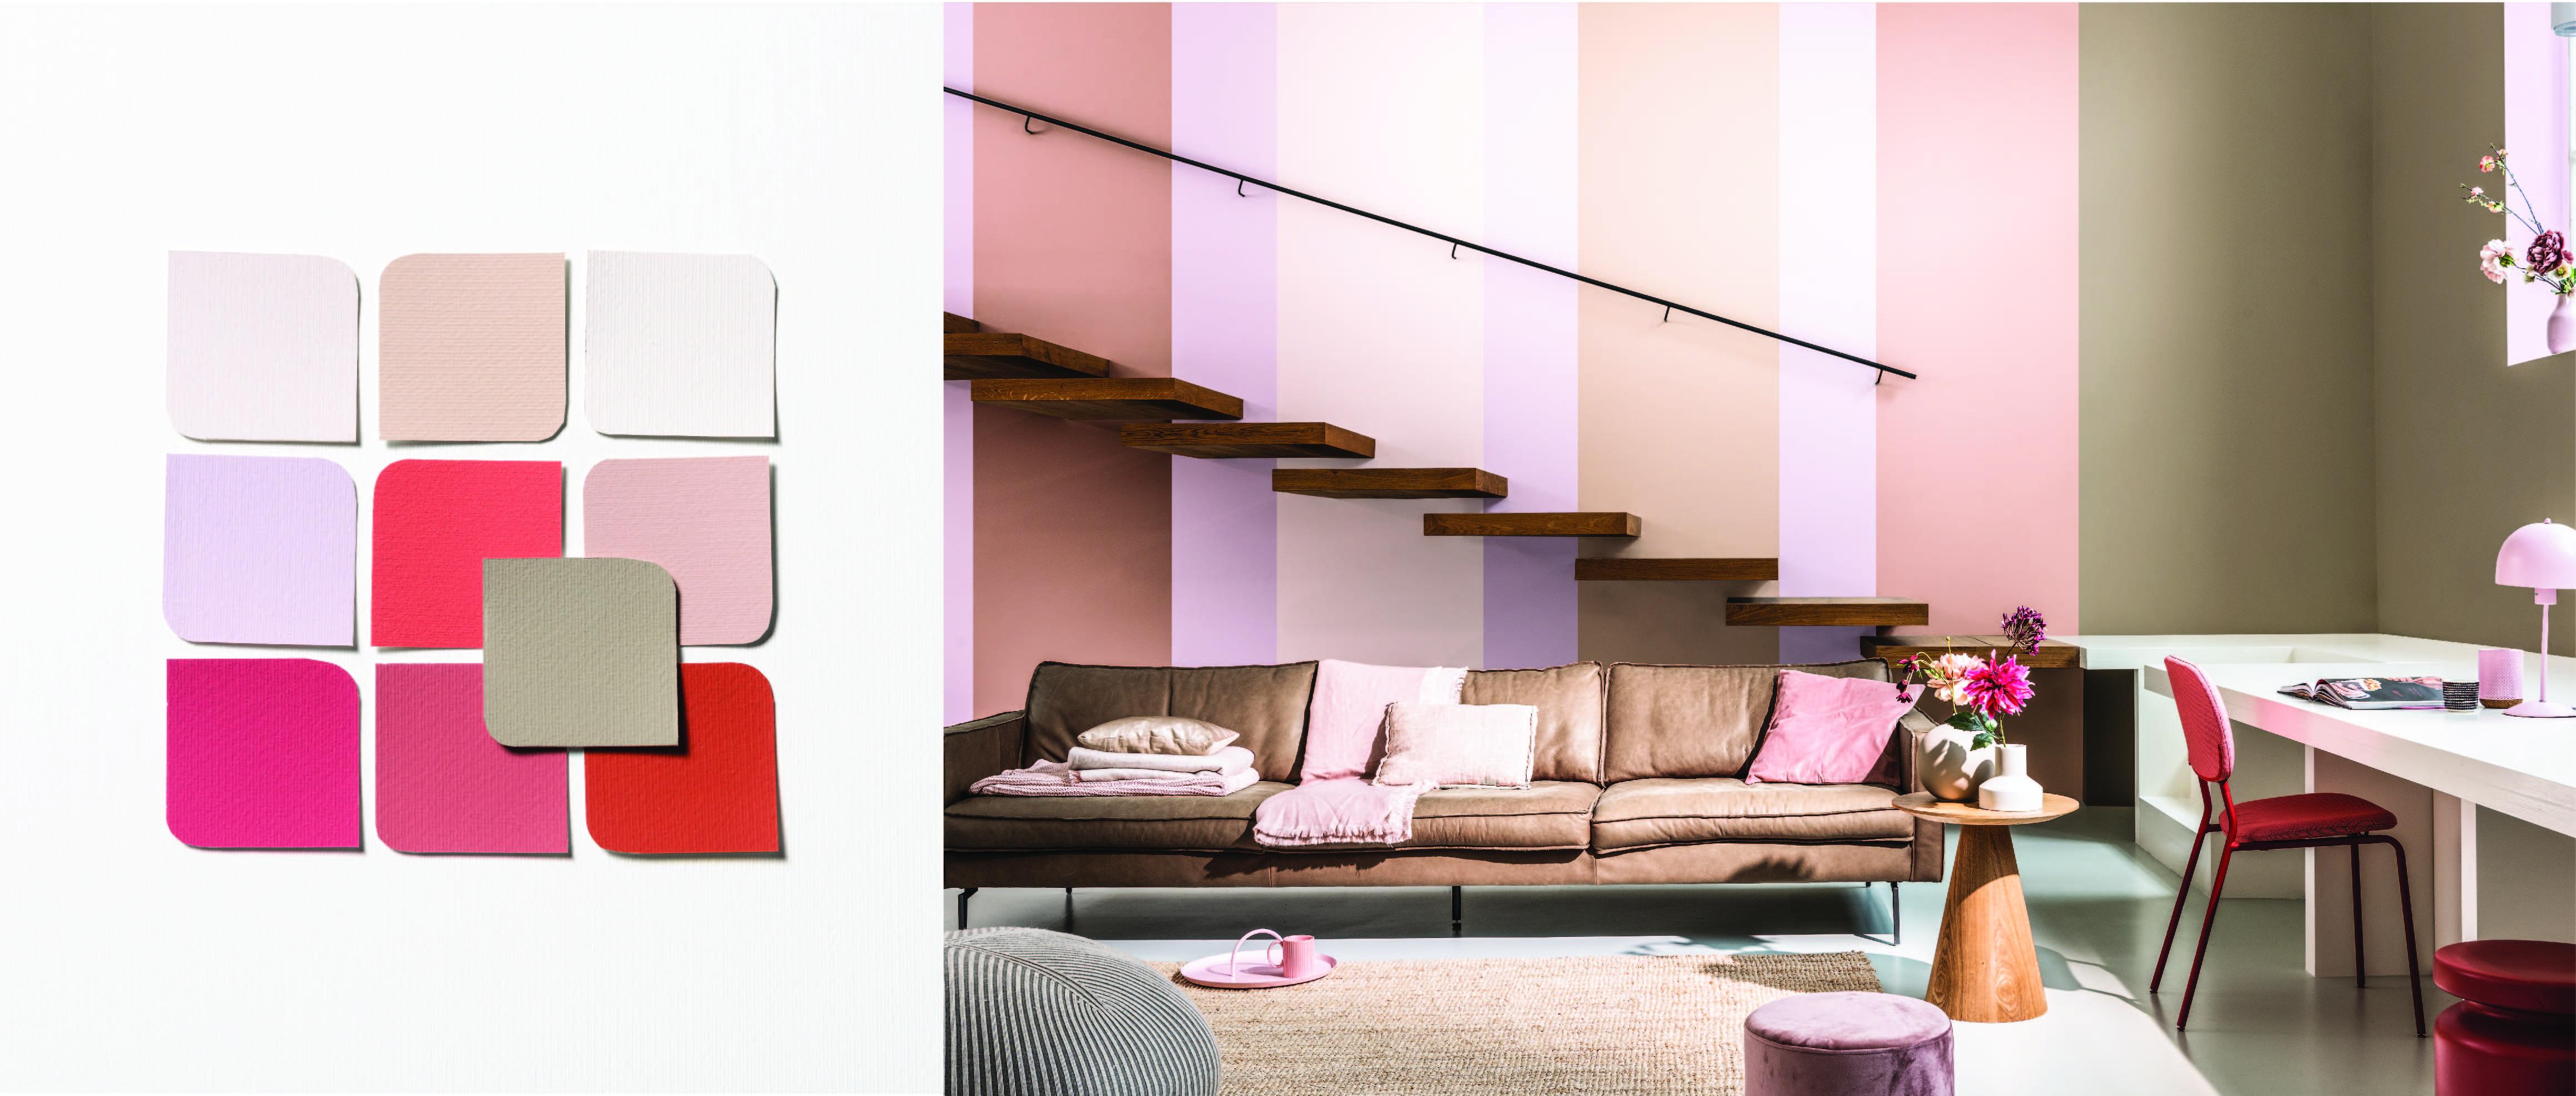 Bảng màu Phóng khoáng và một thiết kế ứng dụng cho không gian phòng khách tuy nhỏ nhưng sáng tạo. Dải màu được thể hiện thành những sọc dọc mới mẻ, đầy phóng khoáng, là nền cho thiết kế cầu thang phá cách.